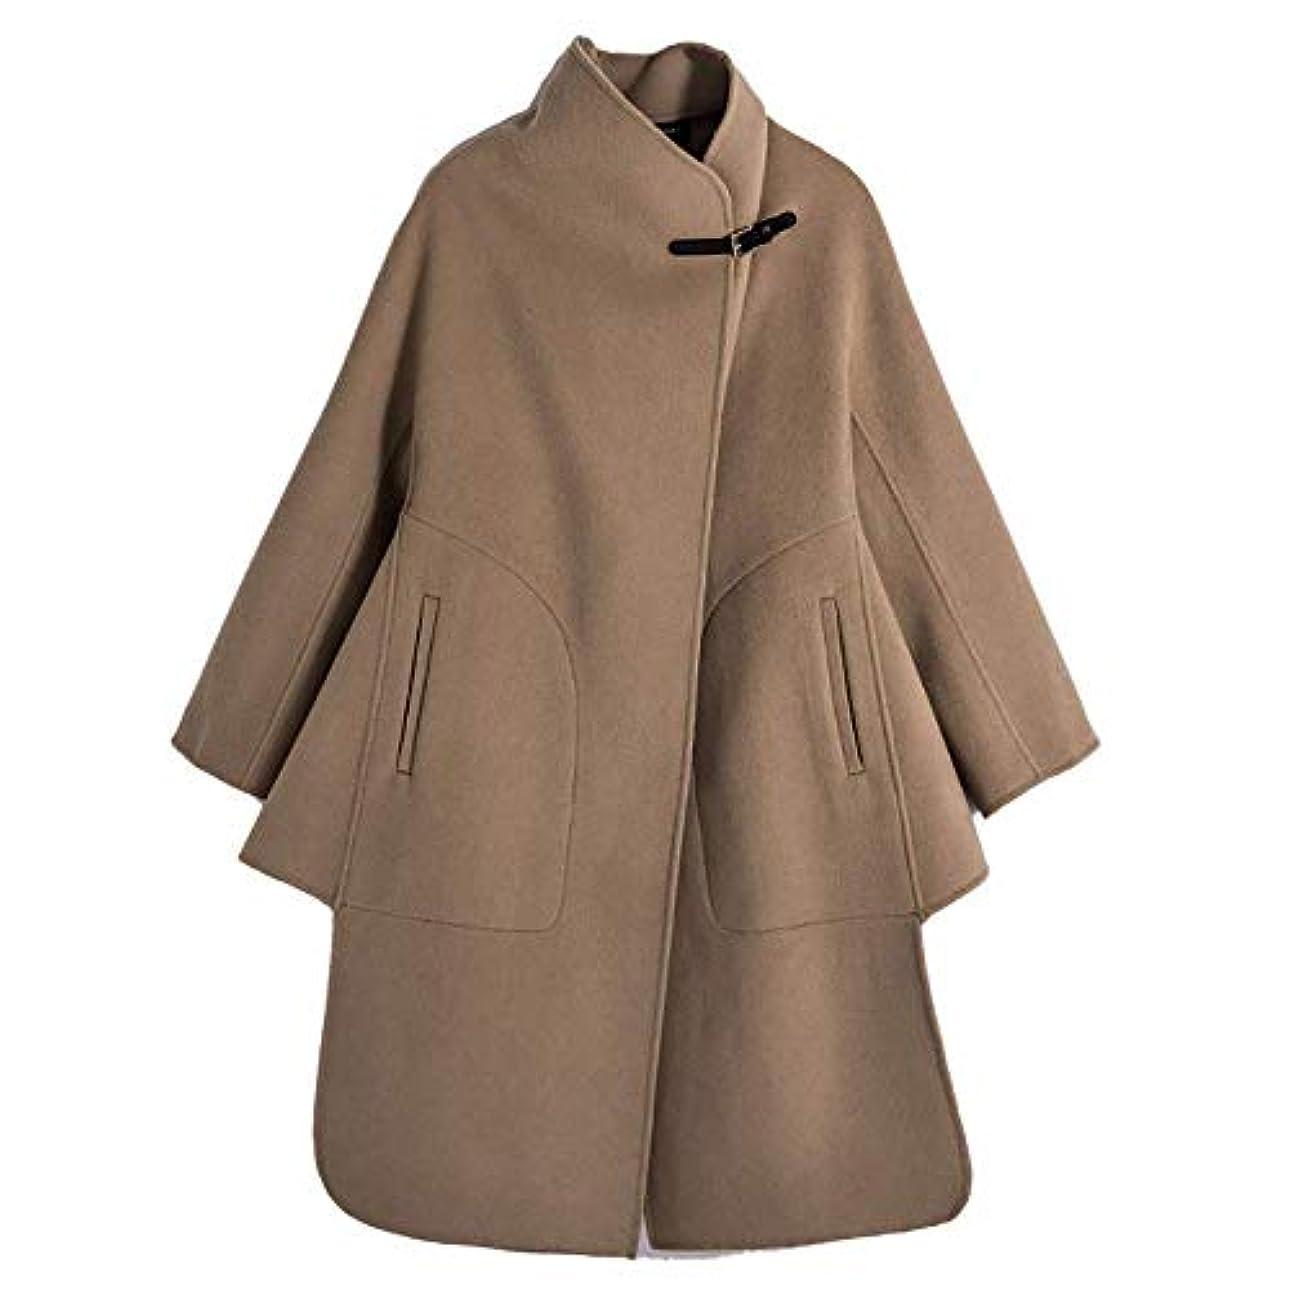 バトルわざわざグラス両面のウールコート、ウールレザーバックル両面ウールコート女性のウールコートレディースジャケットレディース?コートレディースウインドブレーカージャケット,ブラウン,XS